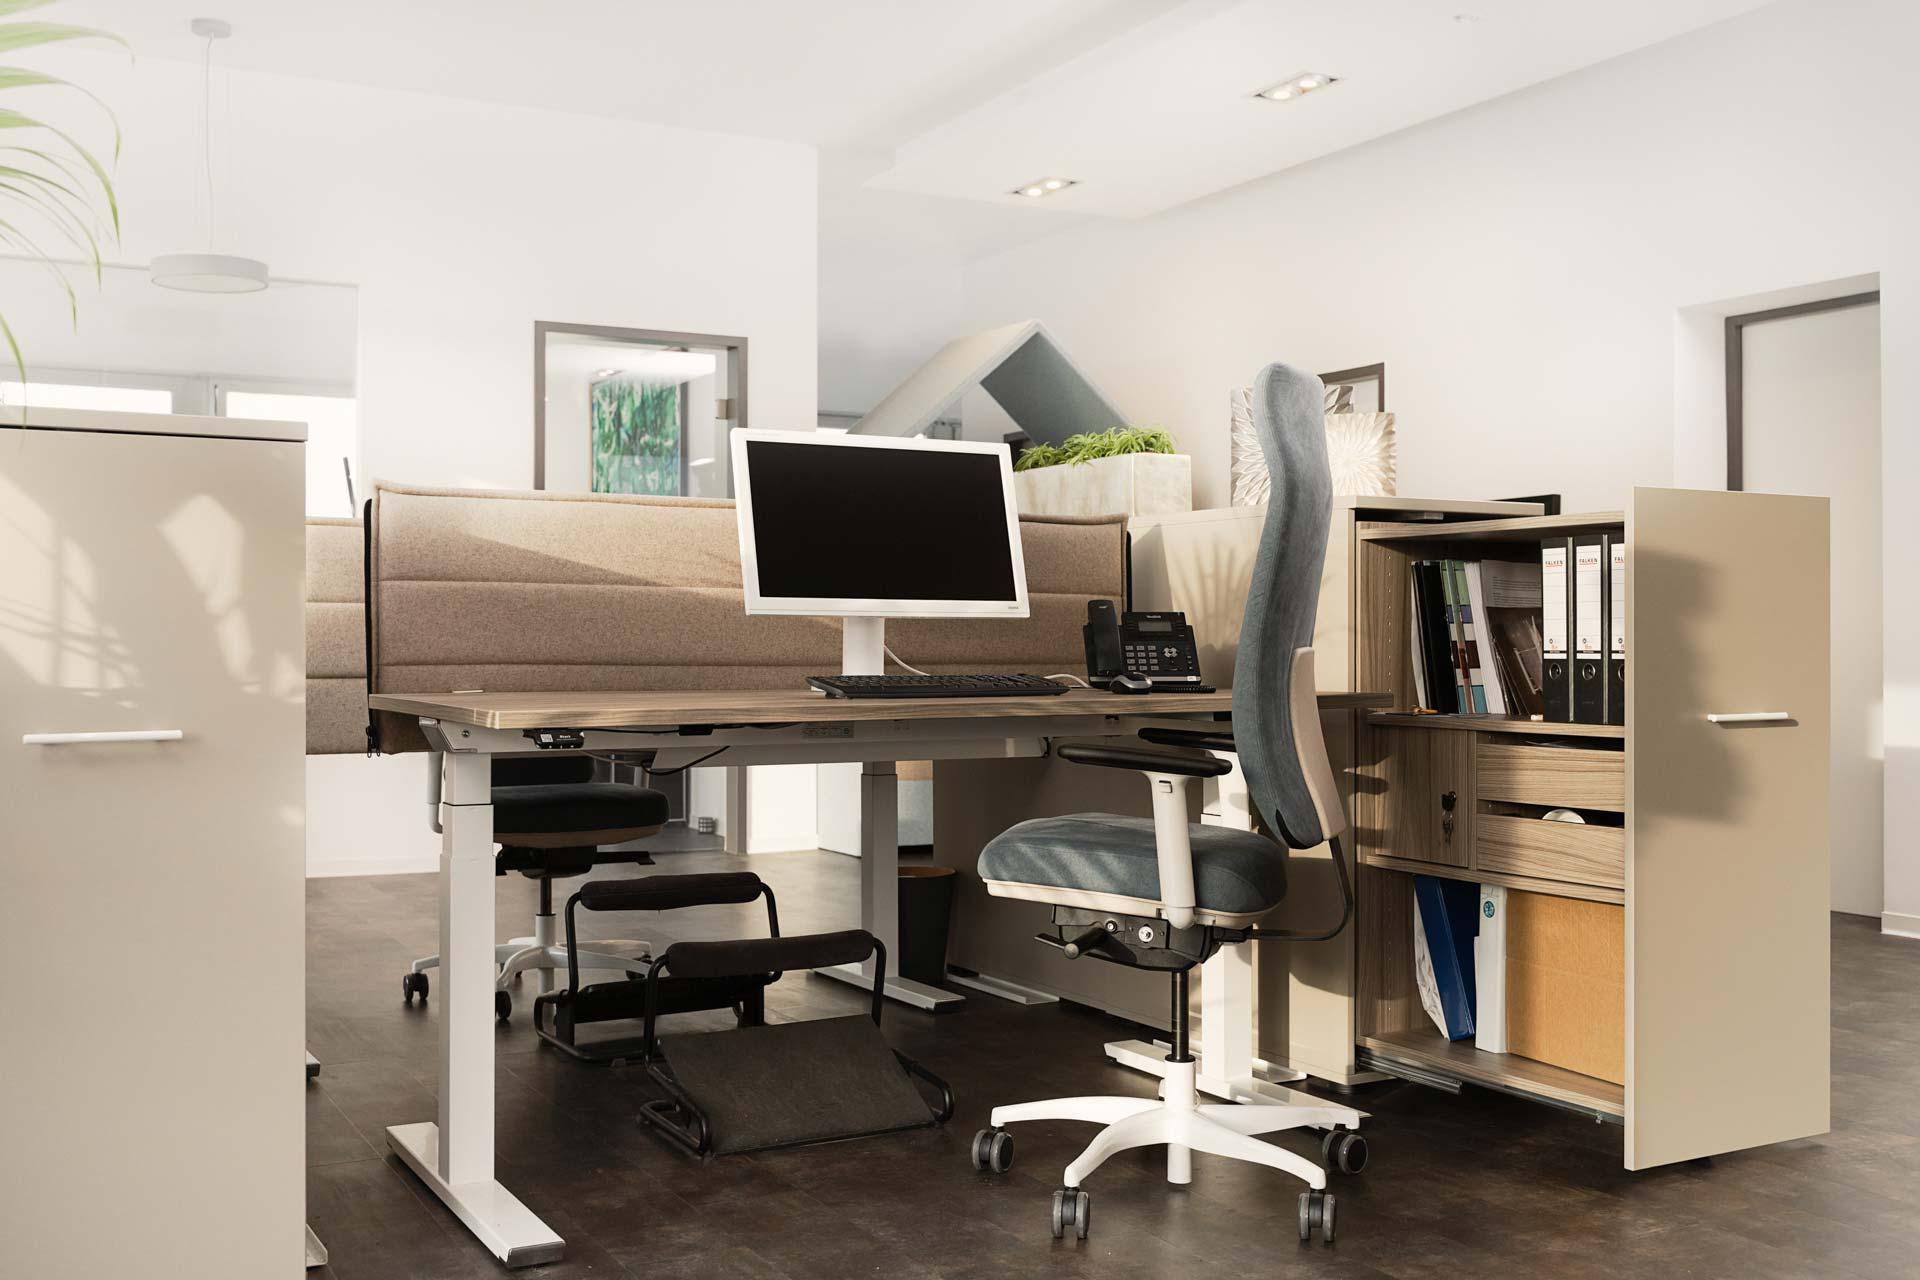 gesund arbeiten gmbh - Ergonomische Schreibtische